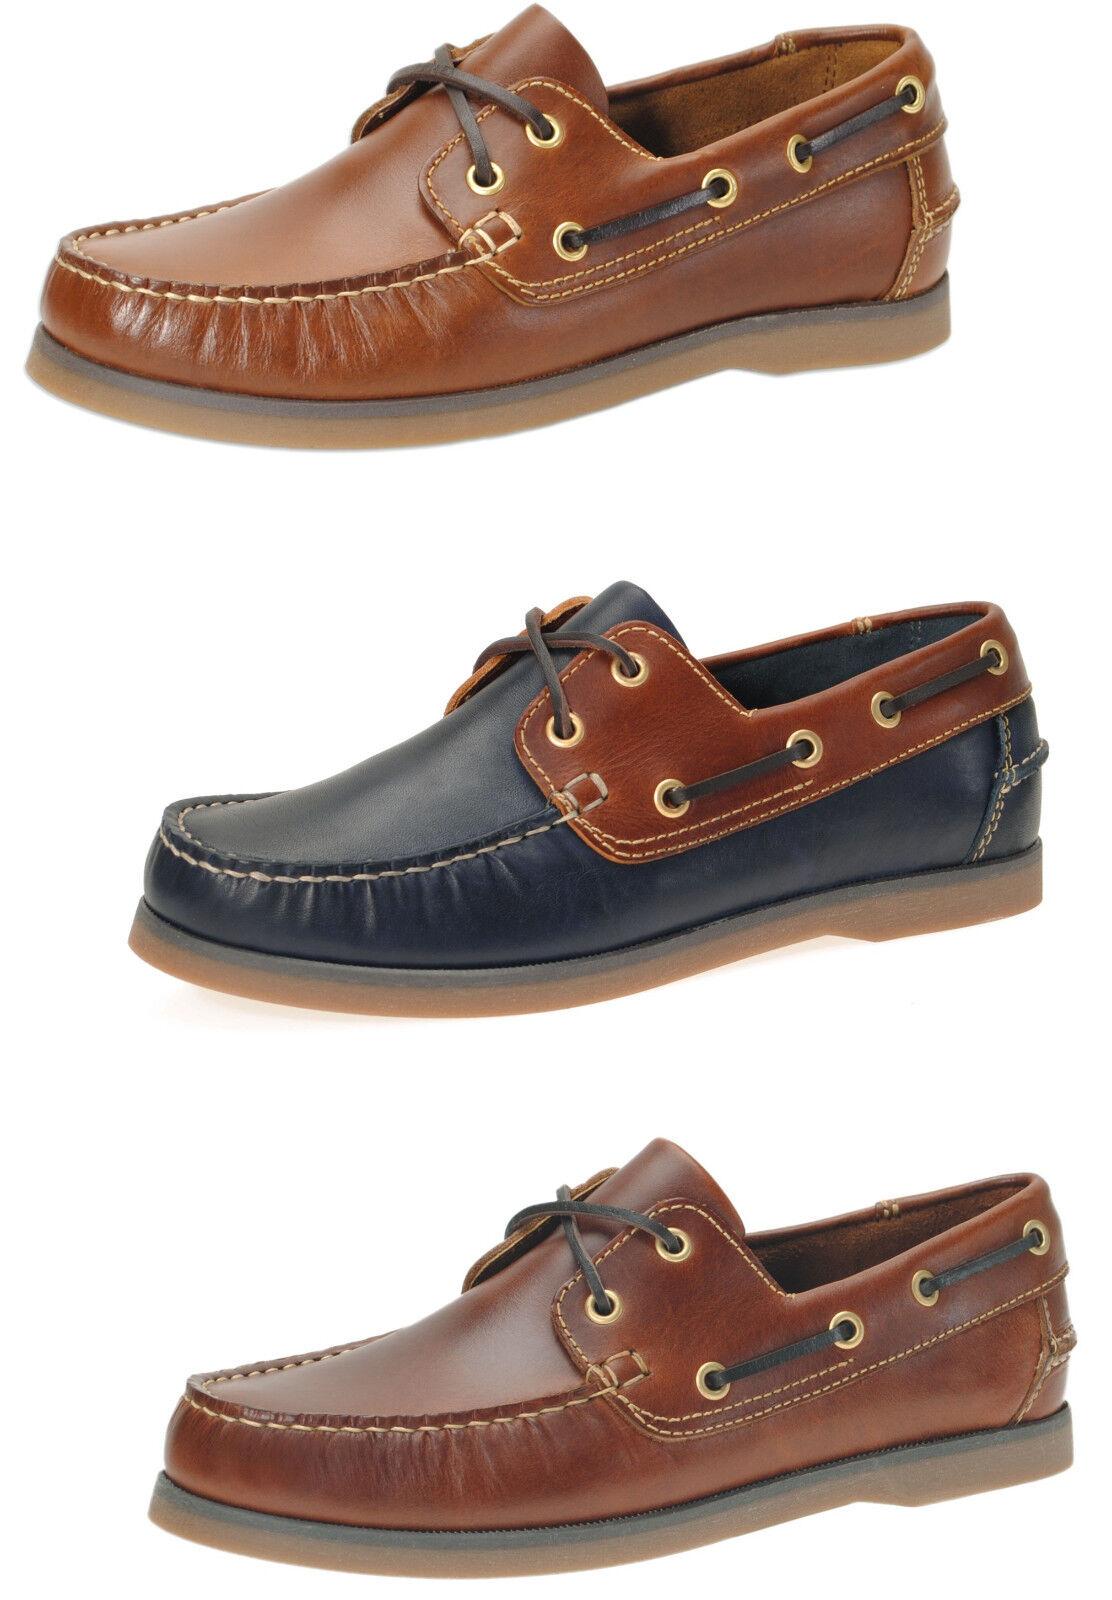 Jim Boomba en Cuir Premium Chaussures Bateau, Deck chaussures-Acajou-CEDAR marron-bleu marine